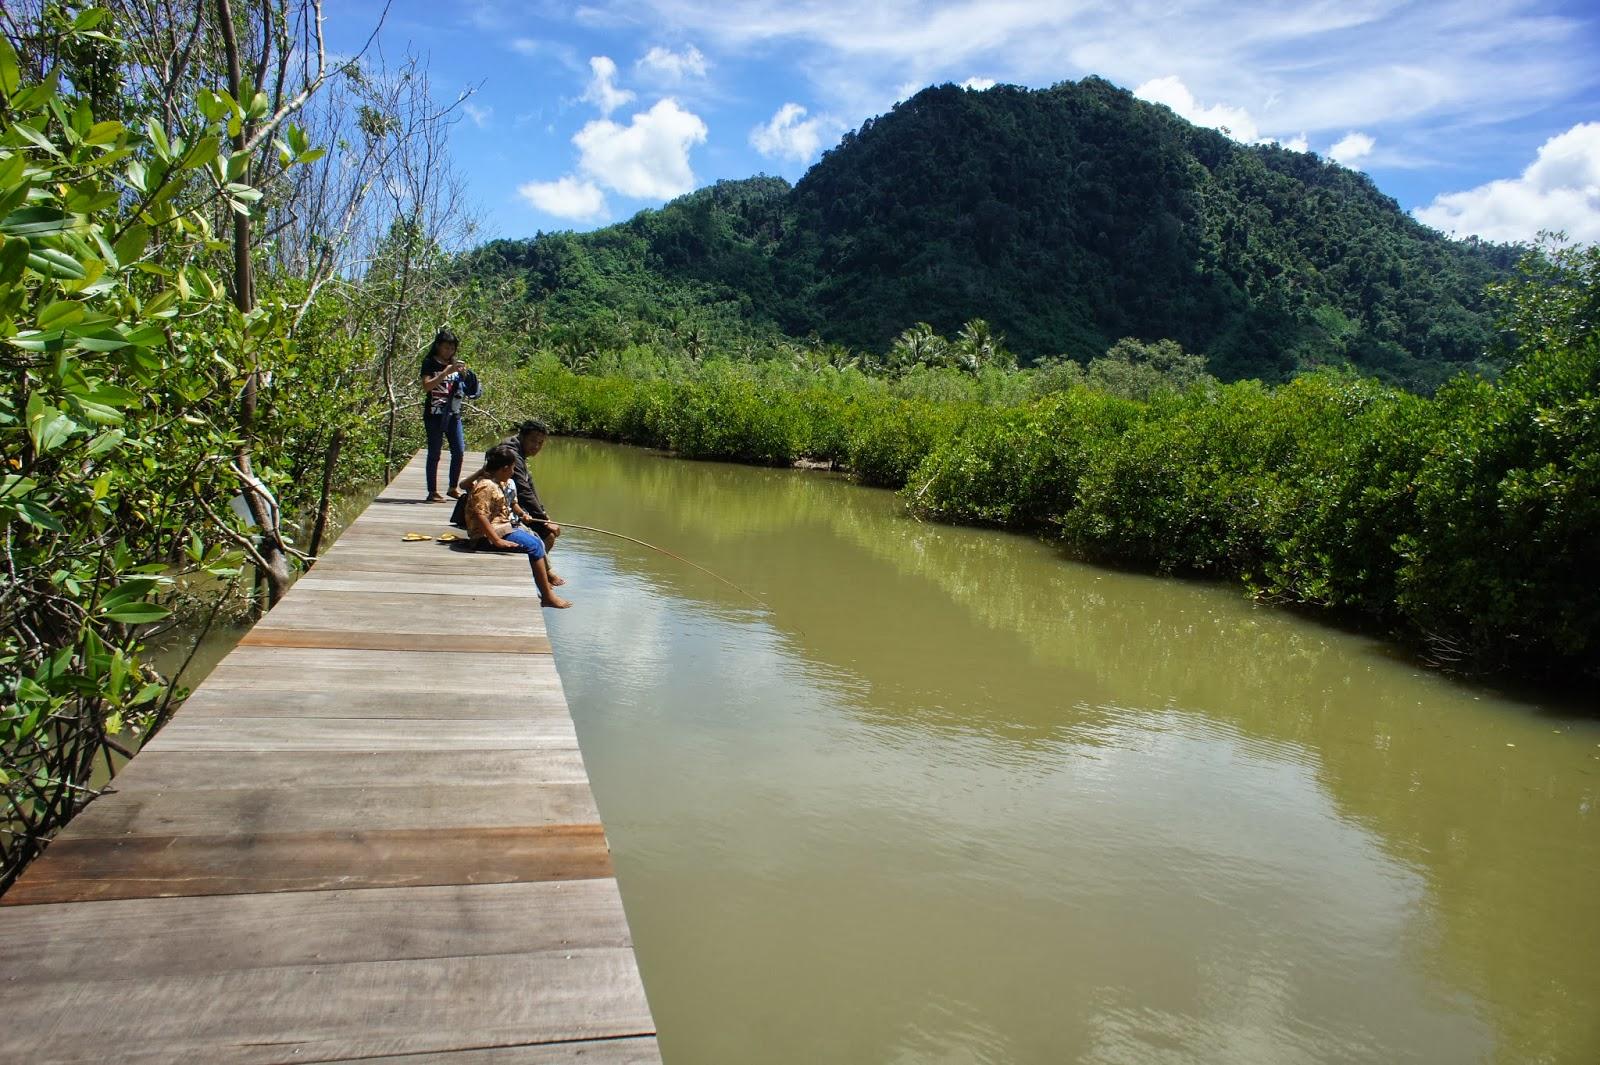 Hutan Mangrove Pancer Cengkrong Permata Semenjak Pemerintah Kabupaten Trenggalek Melalui